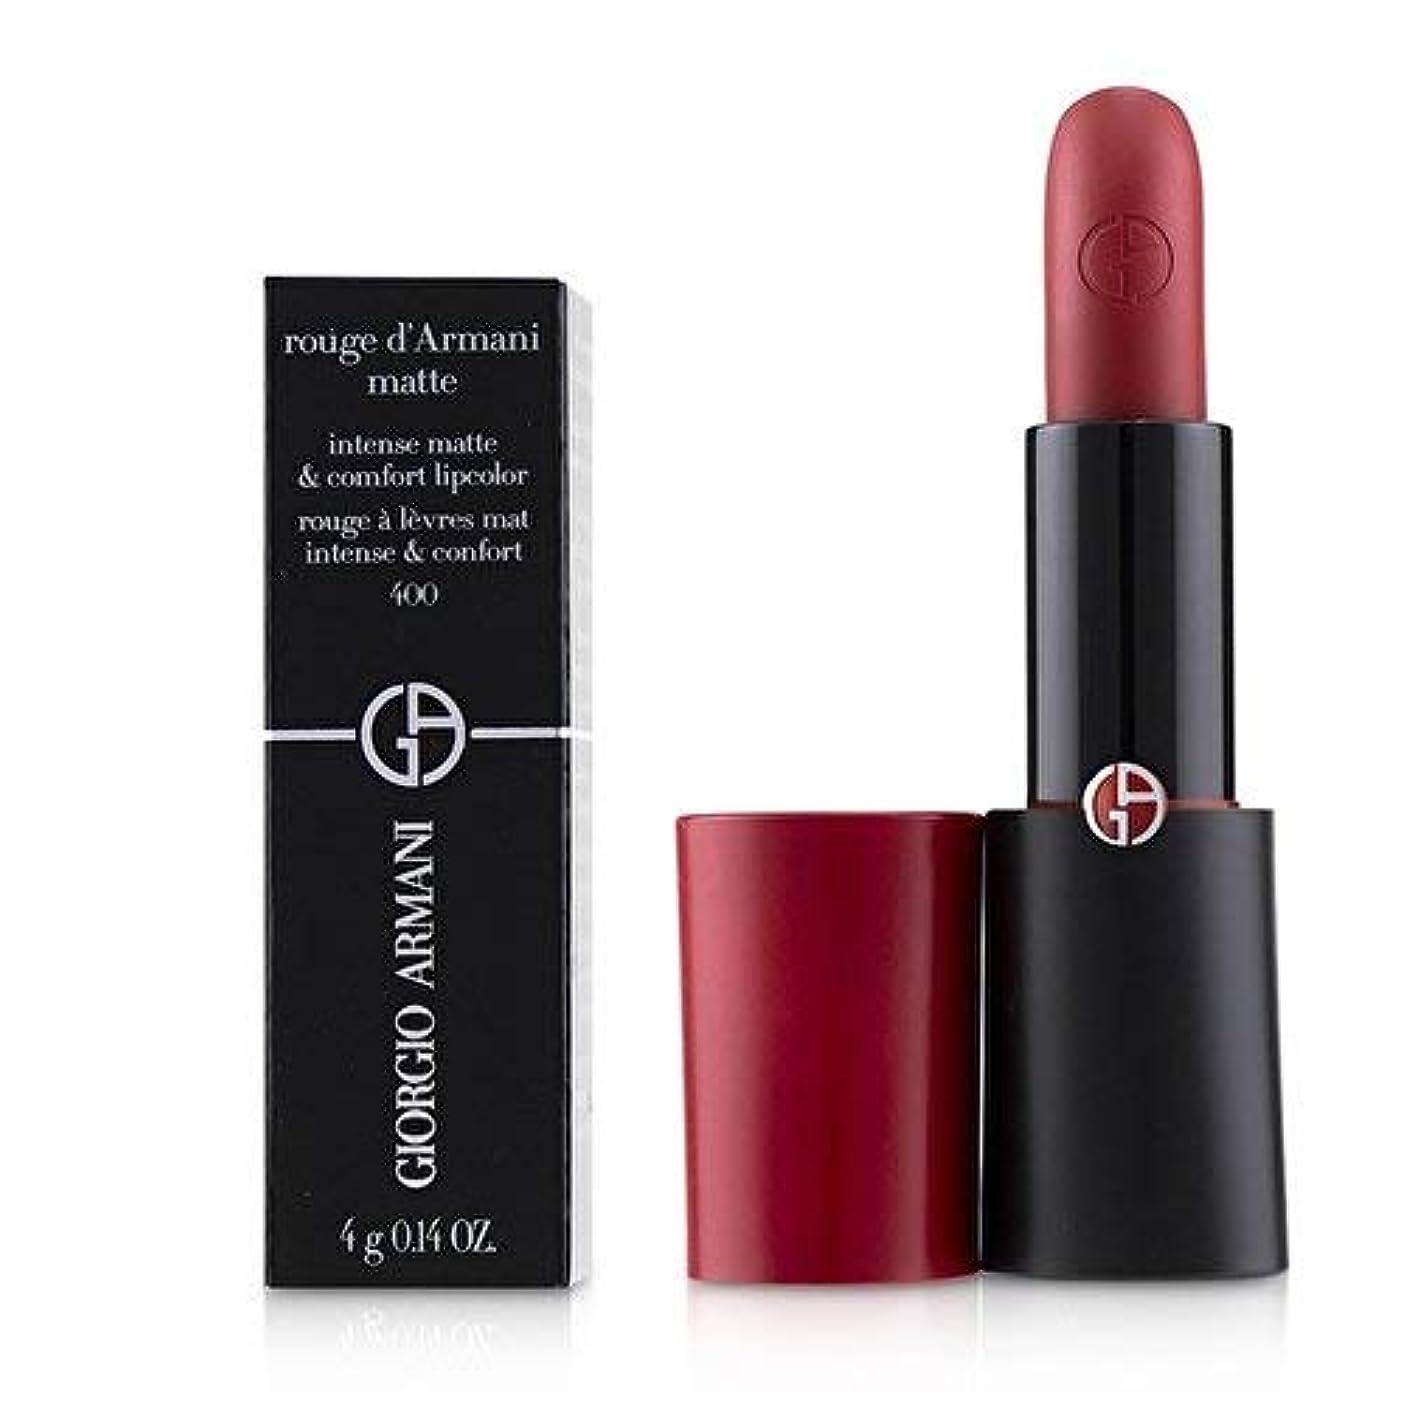 煙突気味の悪い論争的ジョルジオアルマーニ Rouge D'Armani Matte Intense Matte & Comfort Lipcolor - # 400 Four Hundred 4g/0.14oz並行輸入品